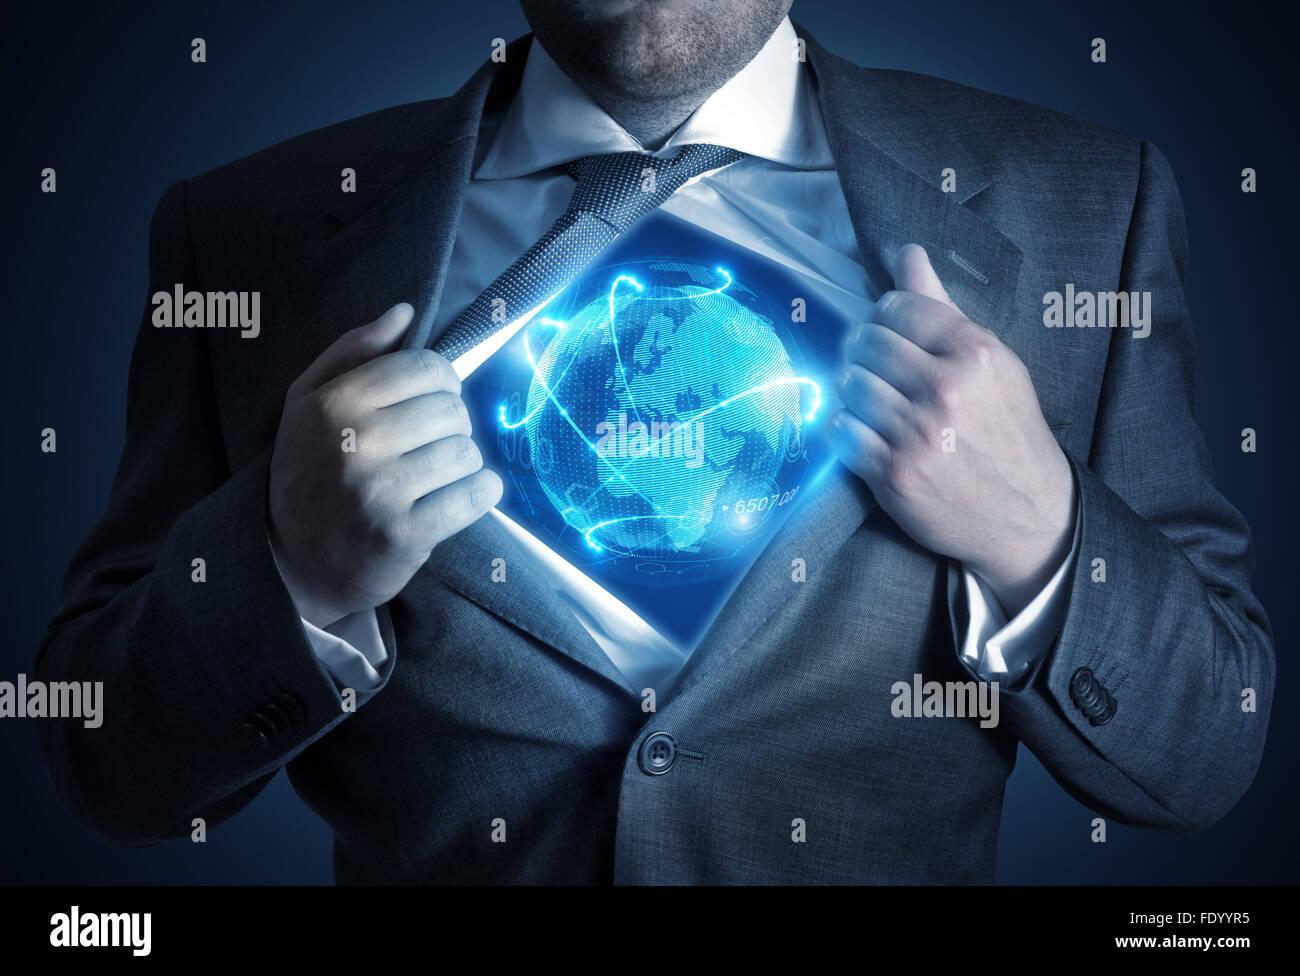 Imprenditore globale. Un imprenditore rivelando un mondo connesso. Il concetto di business Immagini Stock